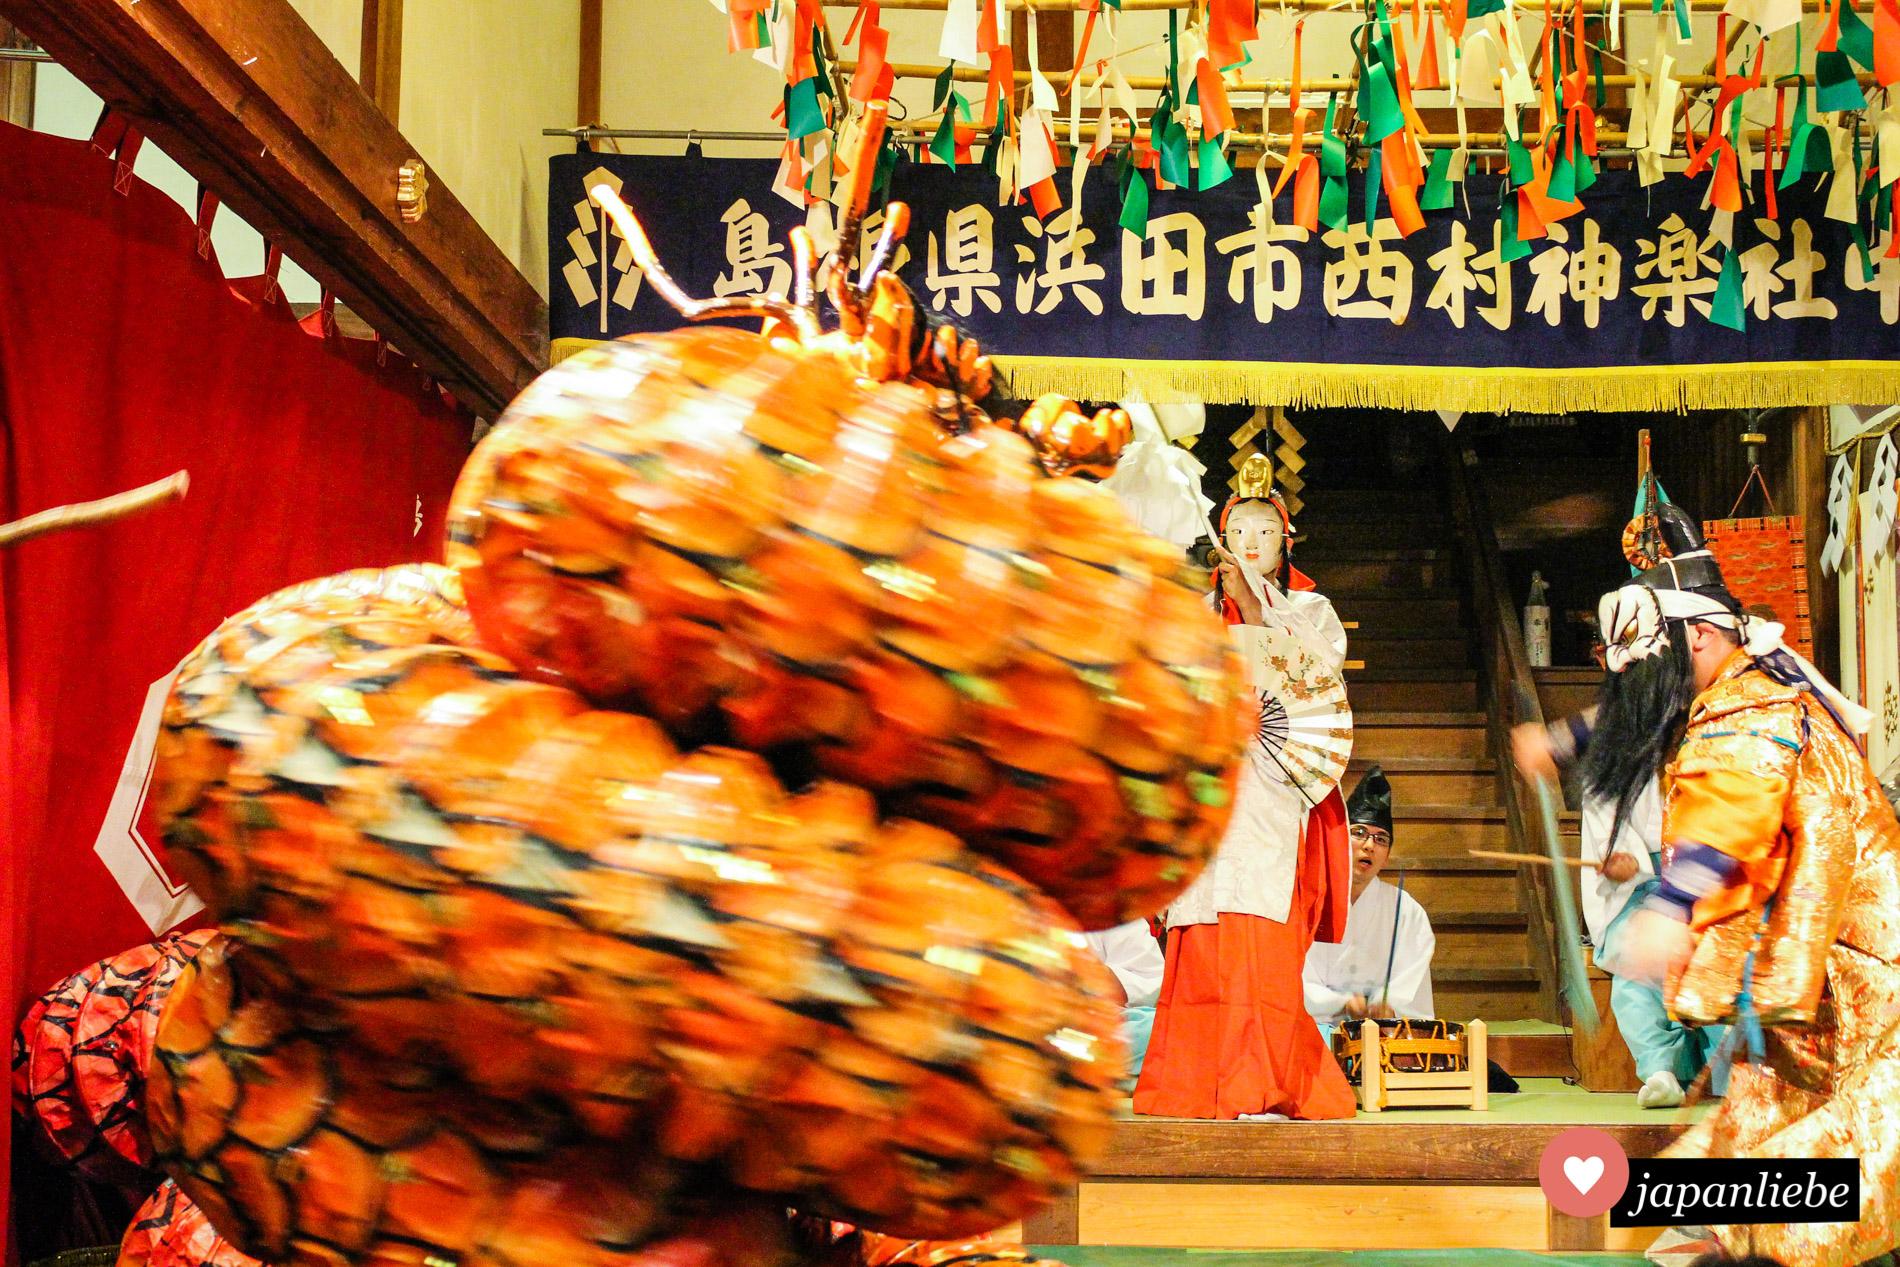 Der Drache Orochi tritt auf. Ein einzelner Schauspieler hantiert mit vielen Metern Schlangenleib-Kostüm.